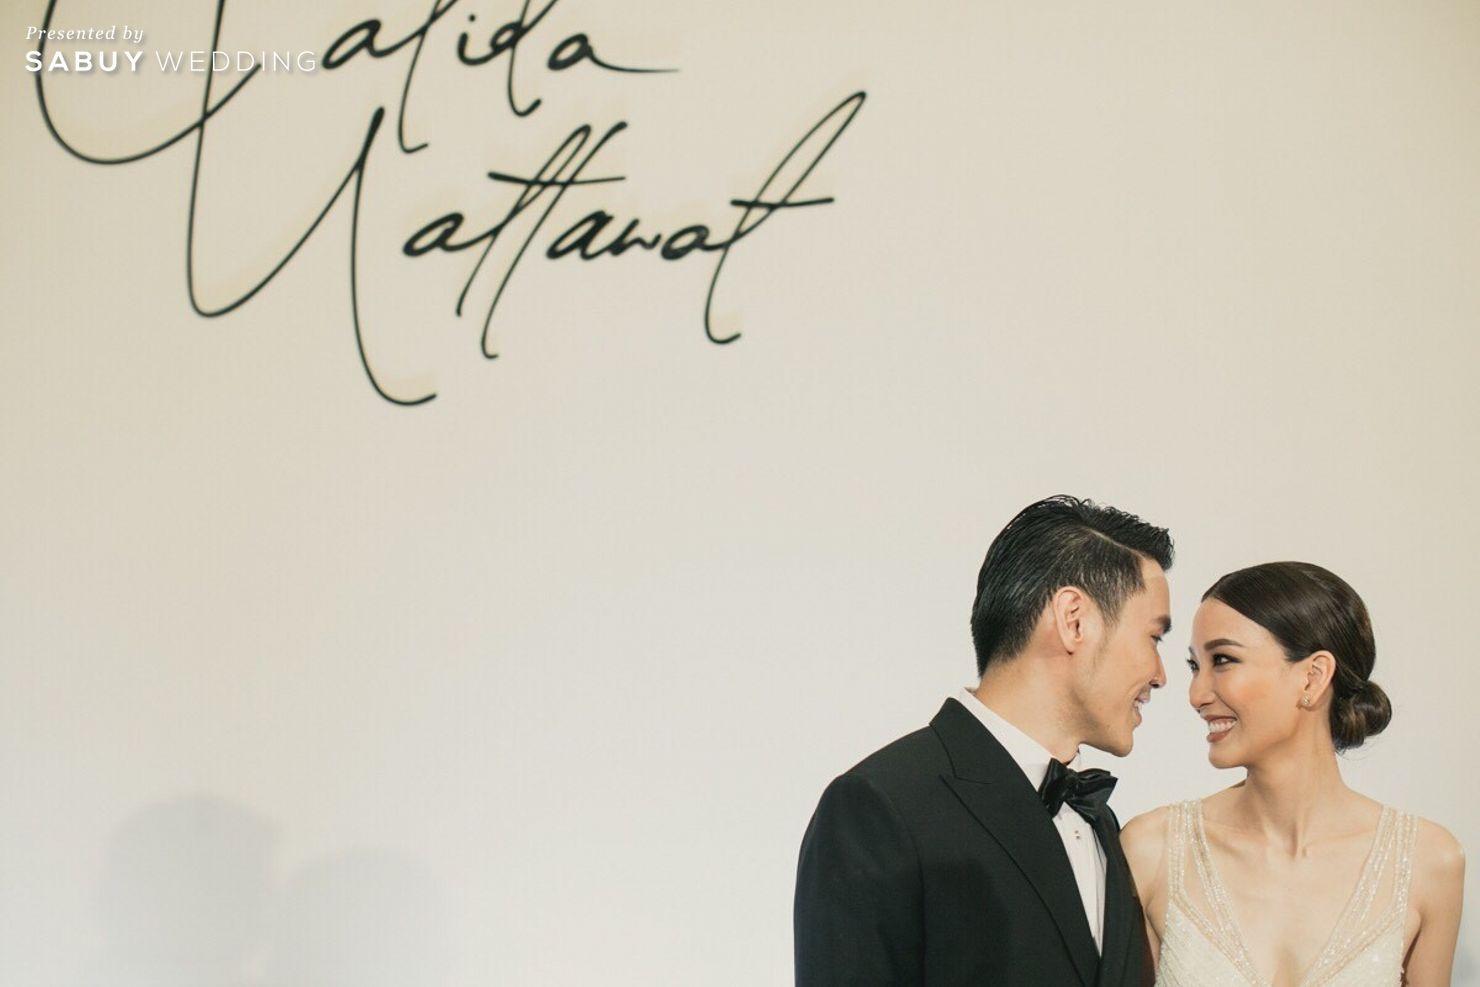 งานแต่งงาน,บ่าวสาว,ชุดเจ้าสาว,ชุดเจ้าบ่าว,backdrop งานแต่ง,โลโก้งานแต่ง รีวิวงานแต่ง Sit-down Lunch และ Dinner เฉียบเรียบโก้ โมเดิร์นมาก @SO Sofitel Bangkok